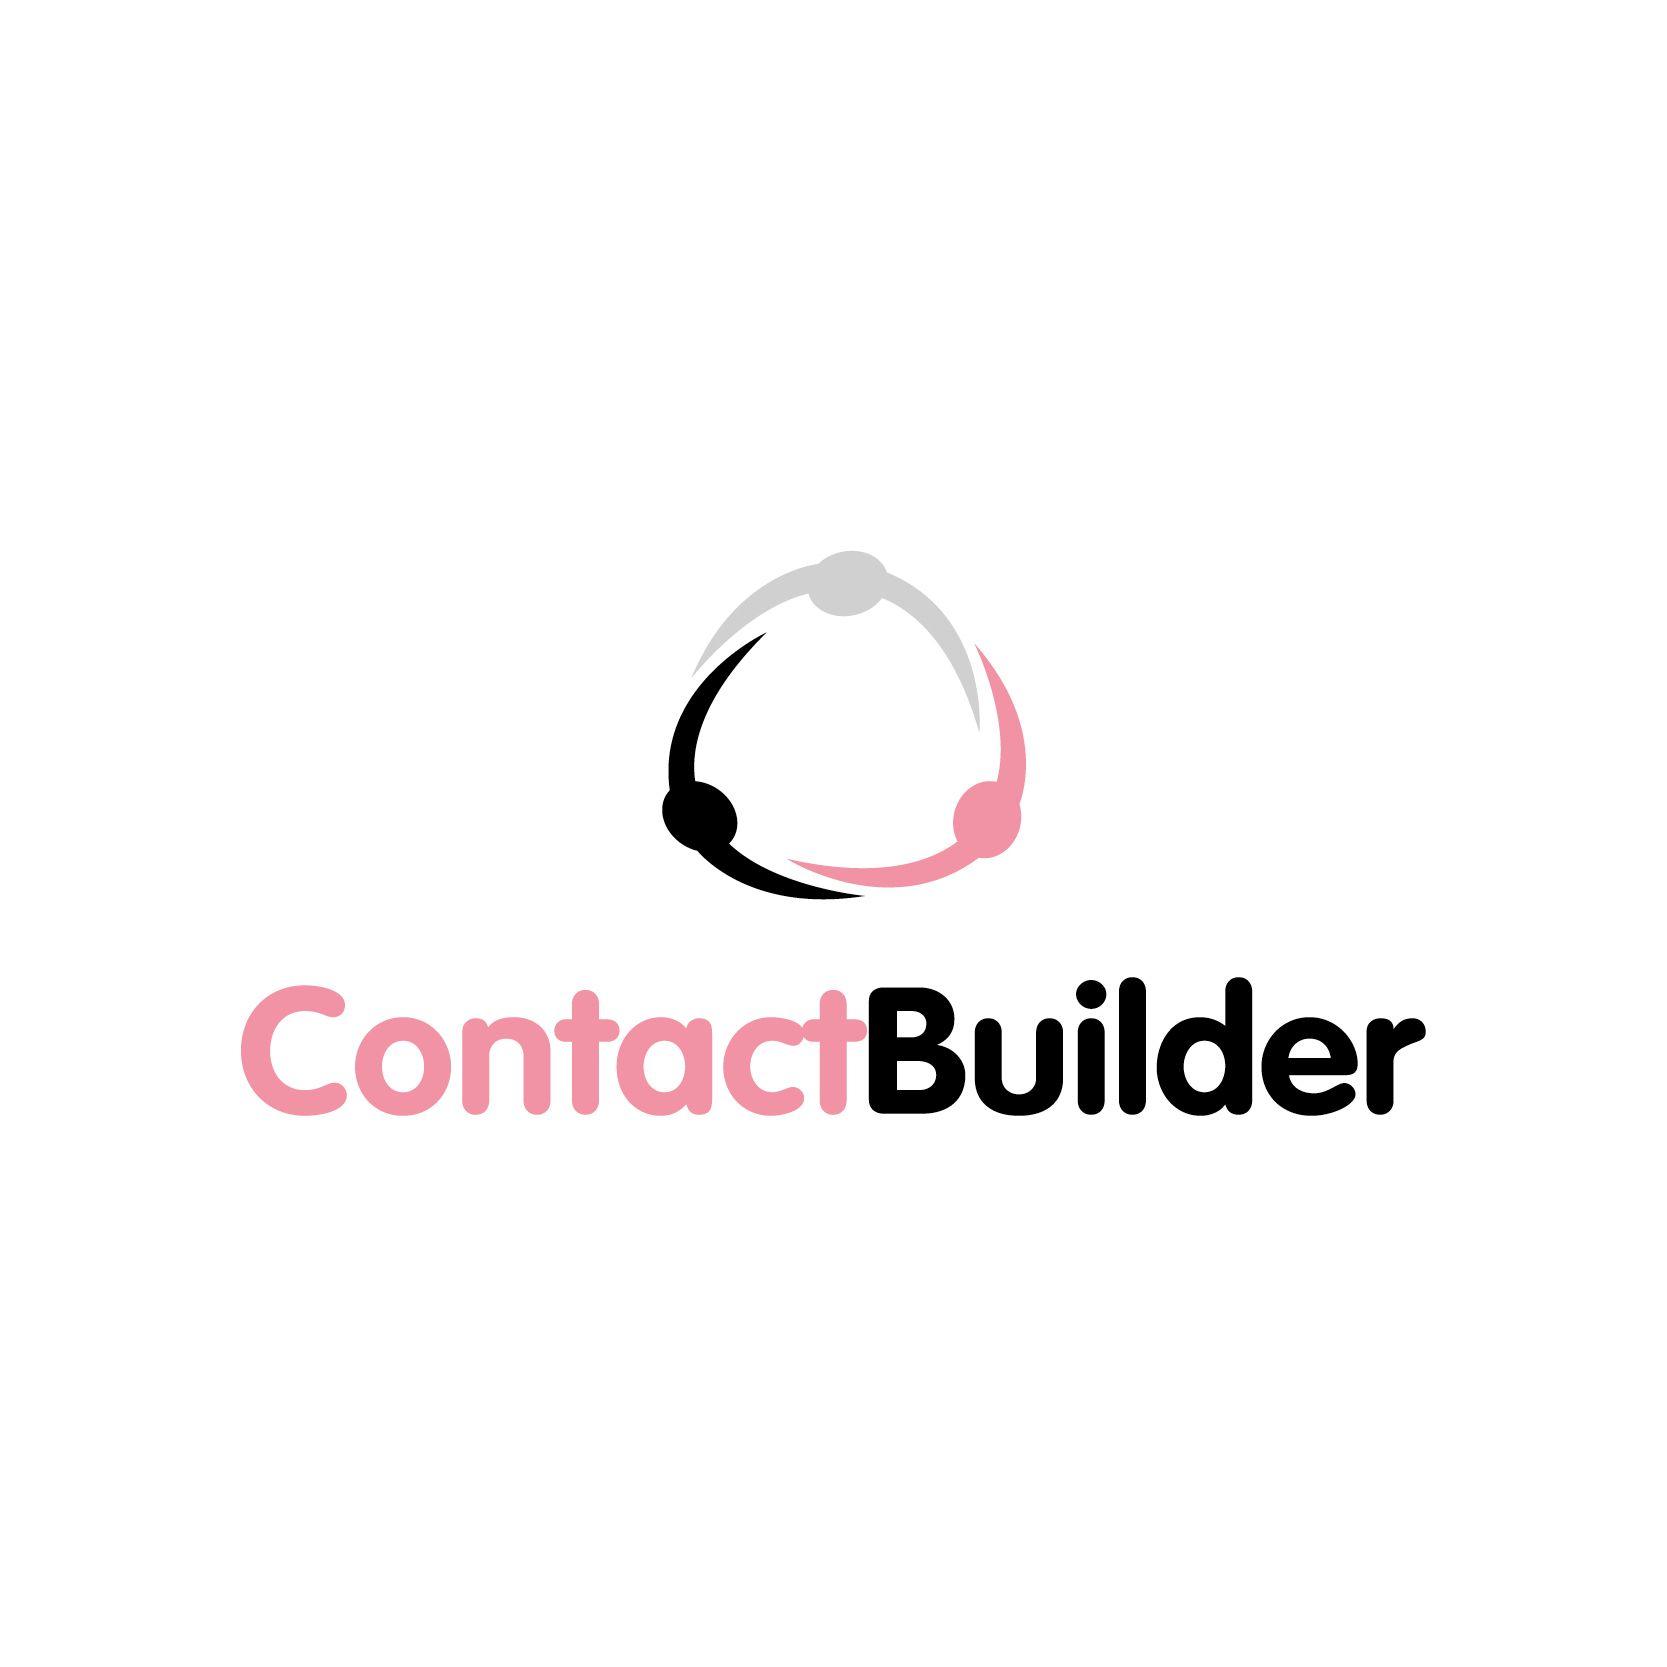 ContactBuilder Ltd